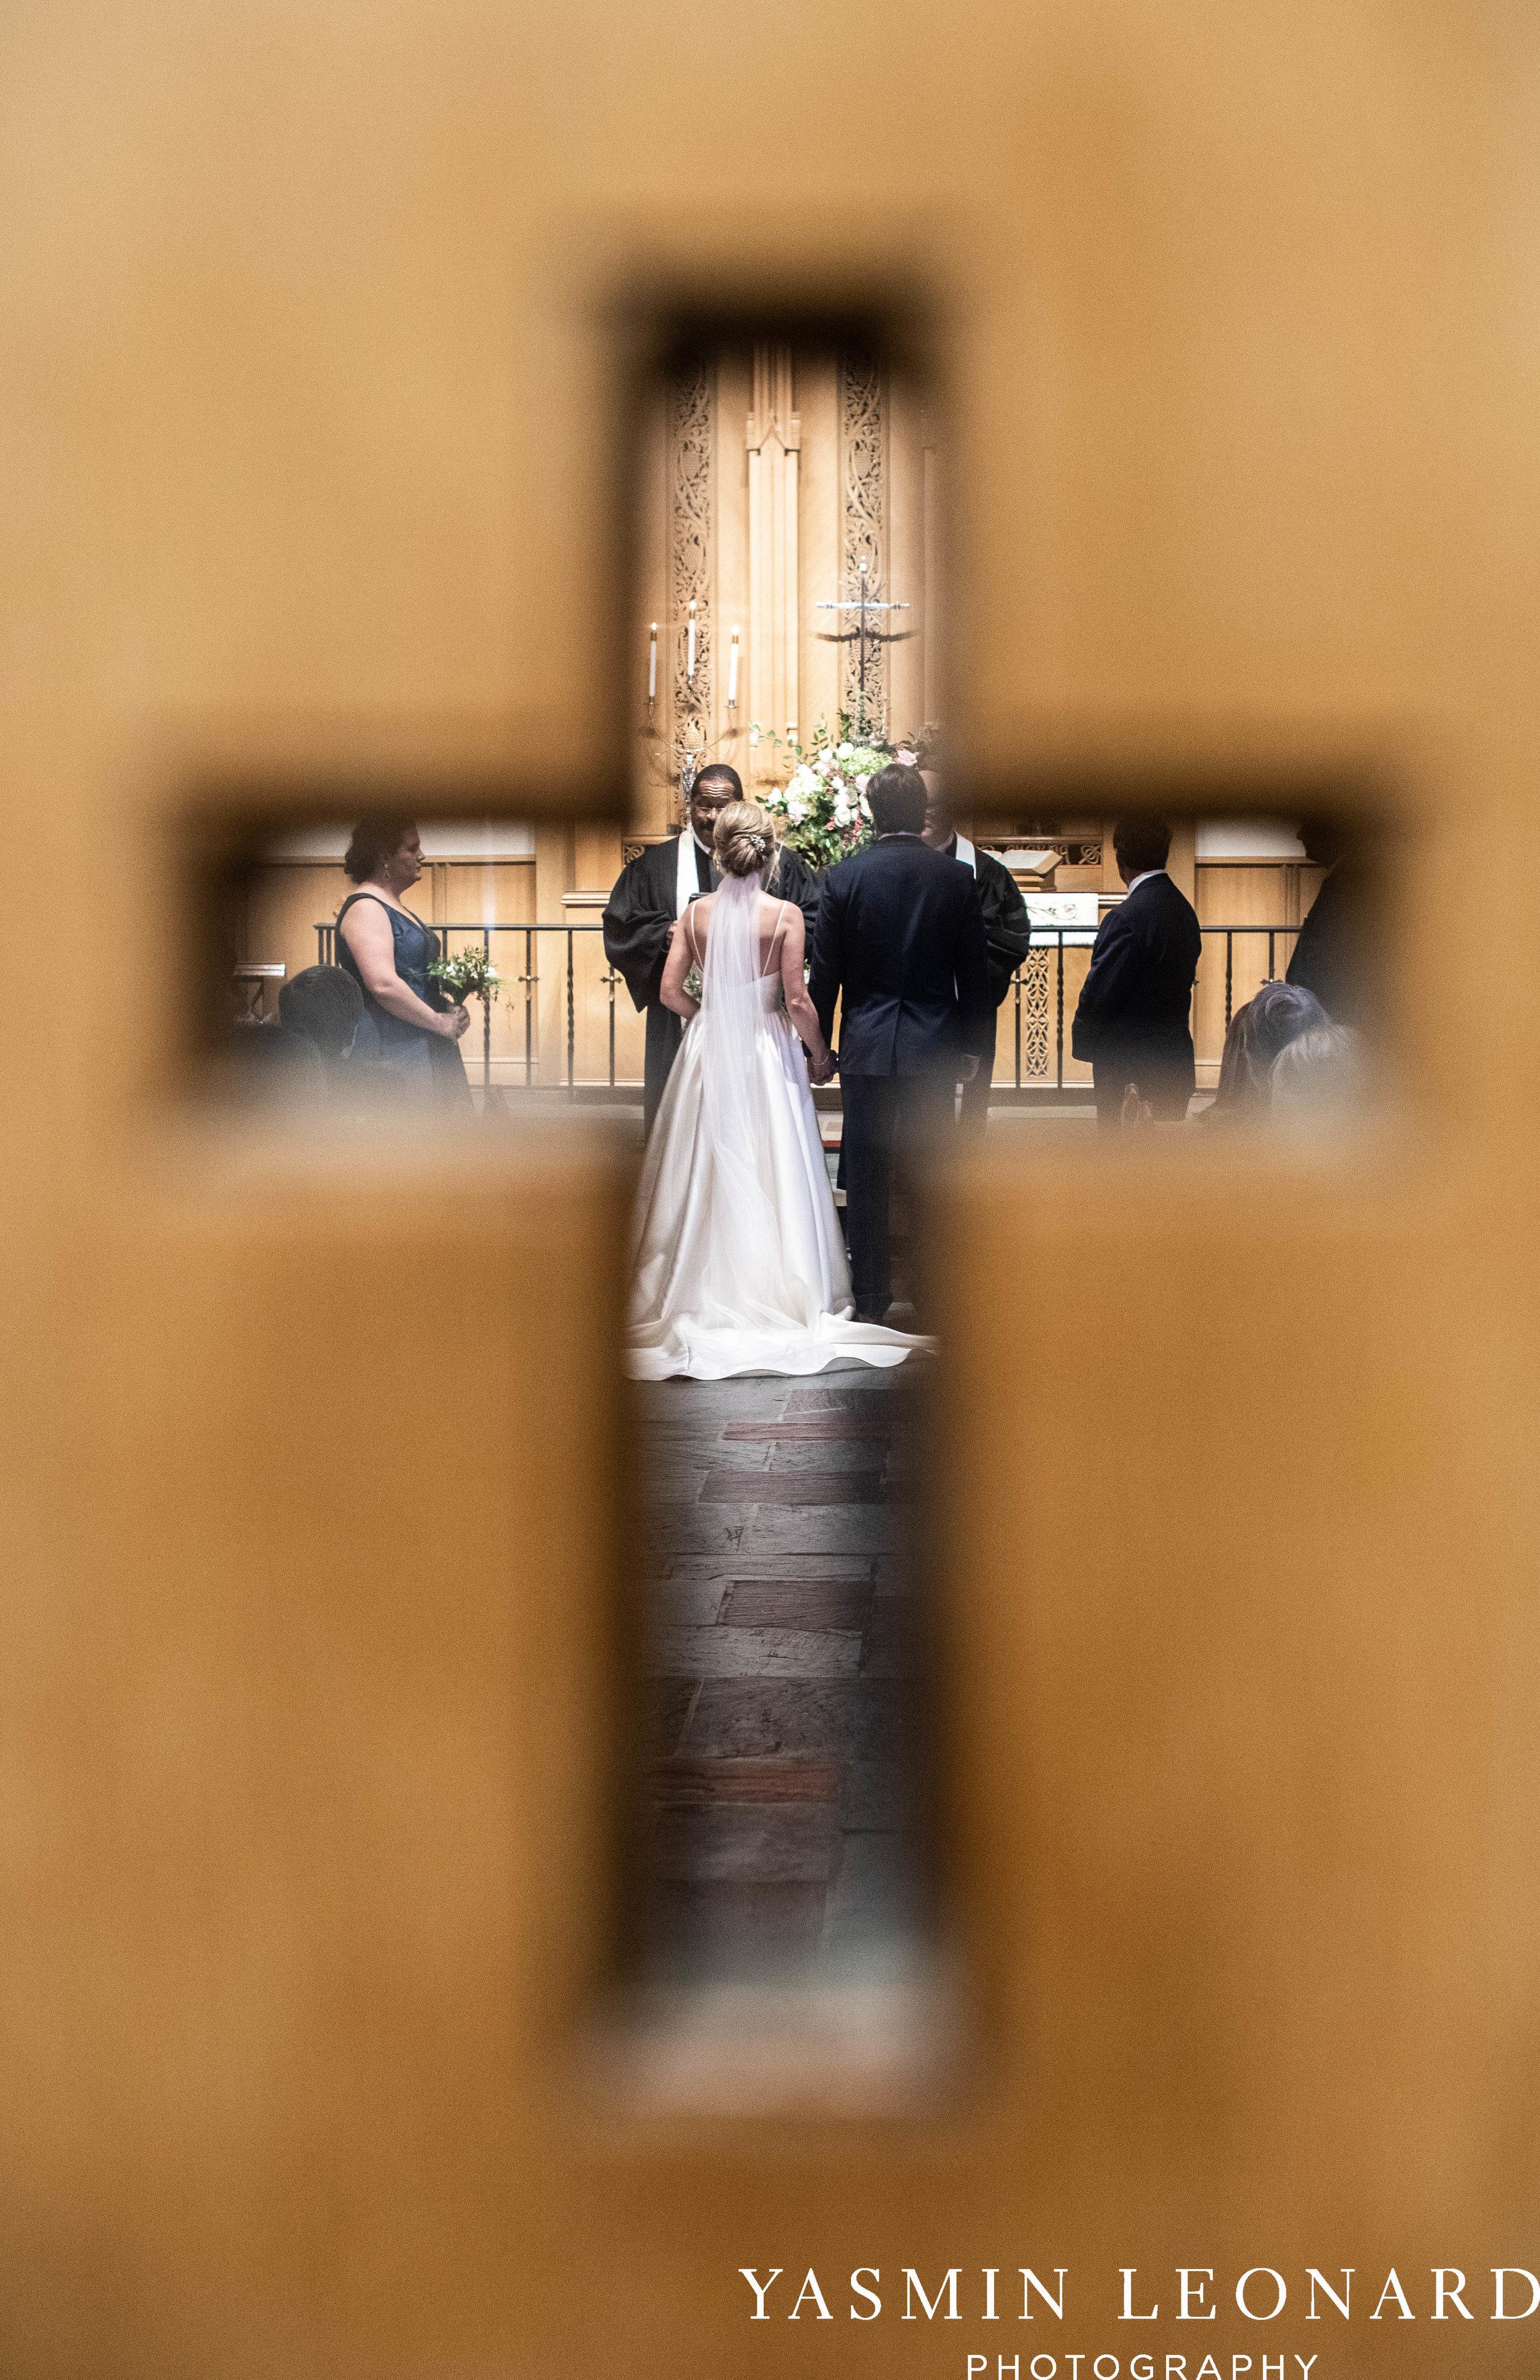 Wesley Memorial United Methodist Church - EmeryWood - High Point Weddings - High Point Wedding Photographer - NC Wedding Photographer - Yasmin Leonard Photography-21.jpg